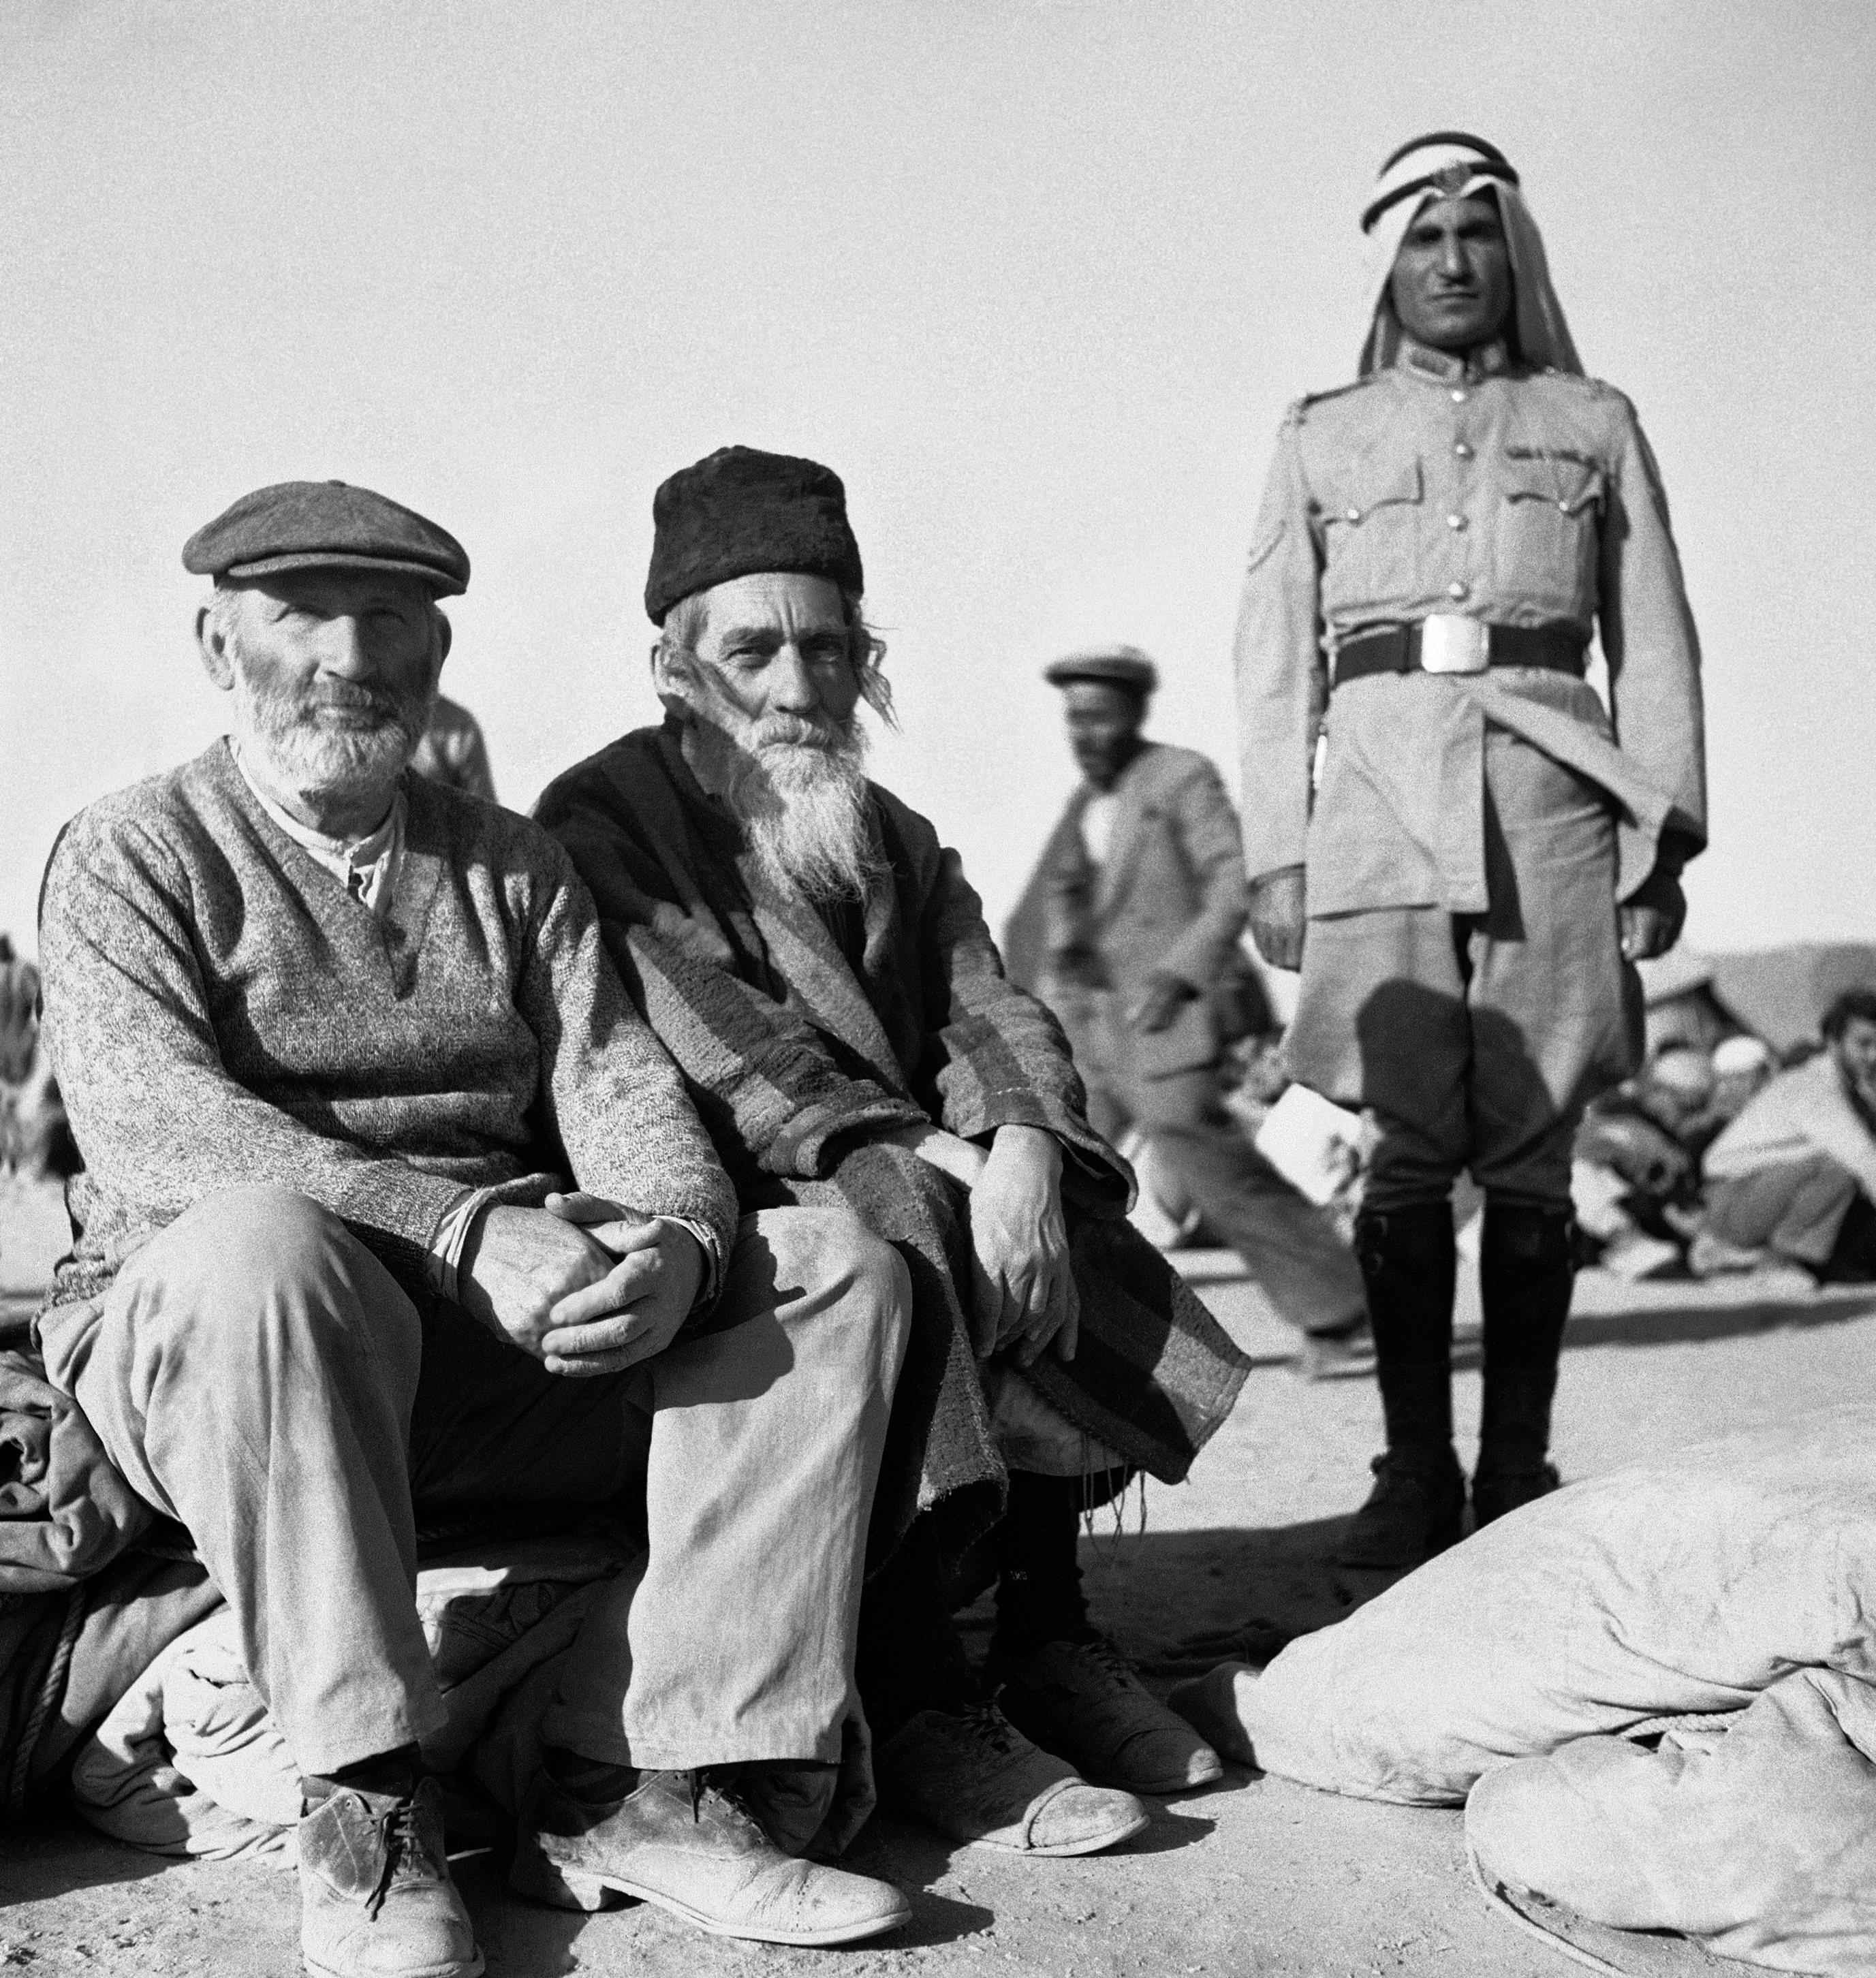 Охранники из Арабского легиона с двумя ортодоксальными евреями, которые предпочли тюремное заключение в Транс-Иордании возвращению в еврейскую область Иерусалима, которая по-прежнему является зоной боев. 4 июня